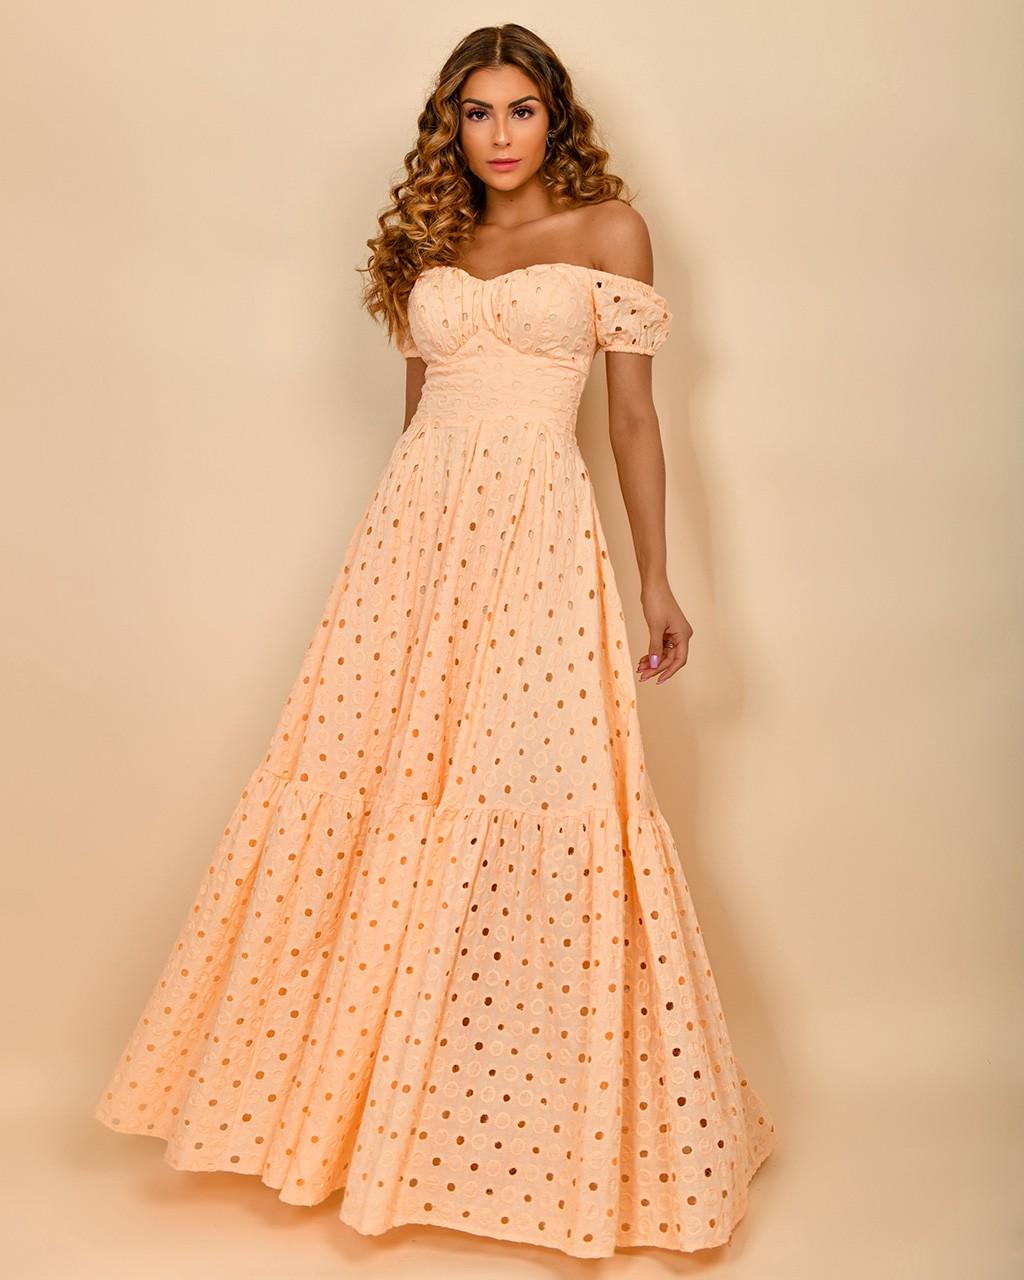 Vestido Julia  - Empório NM